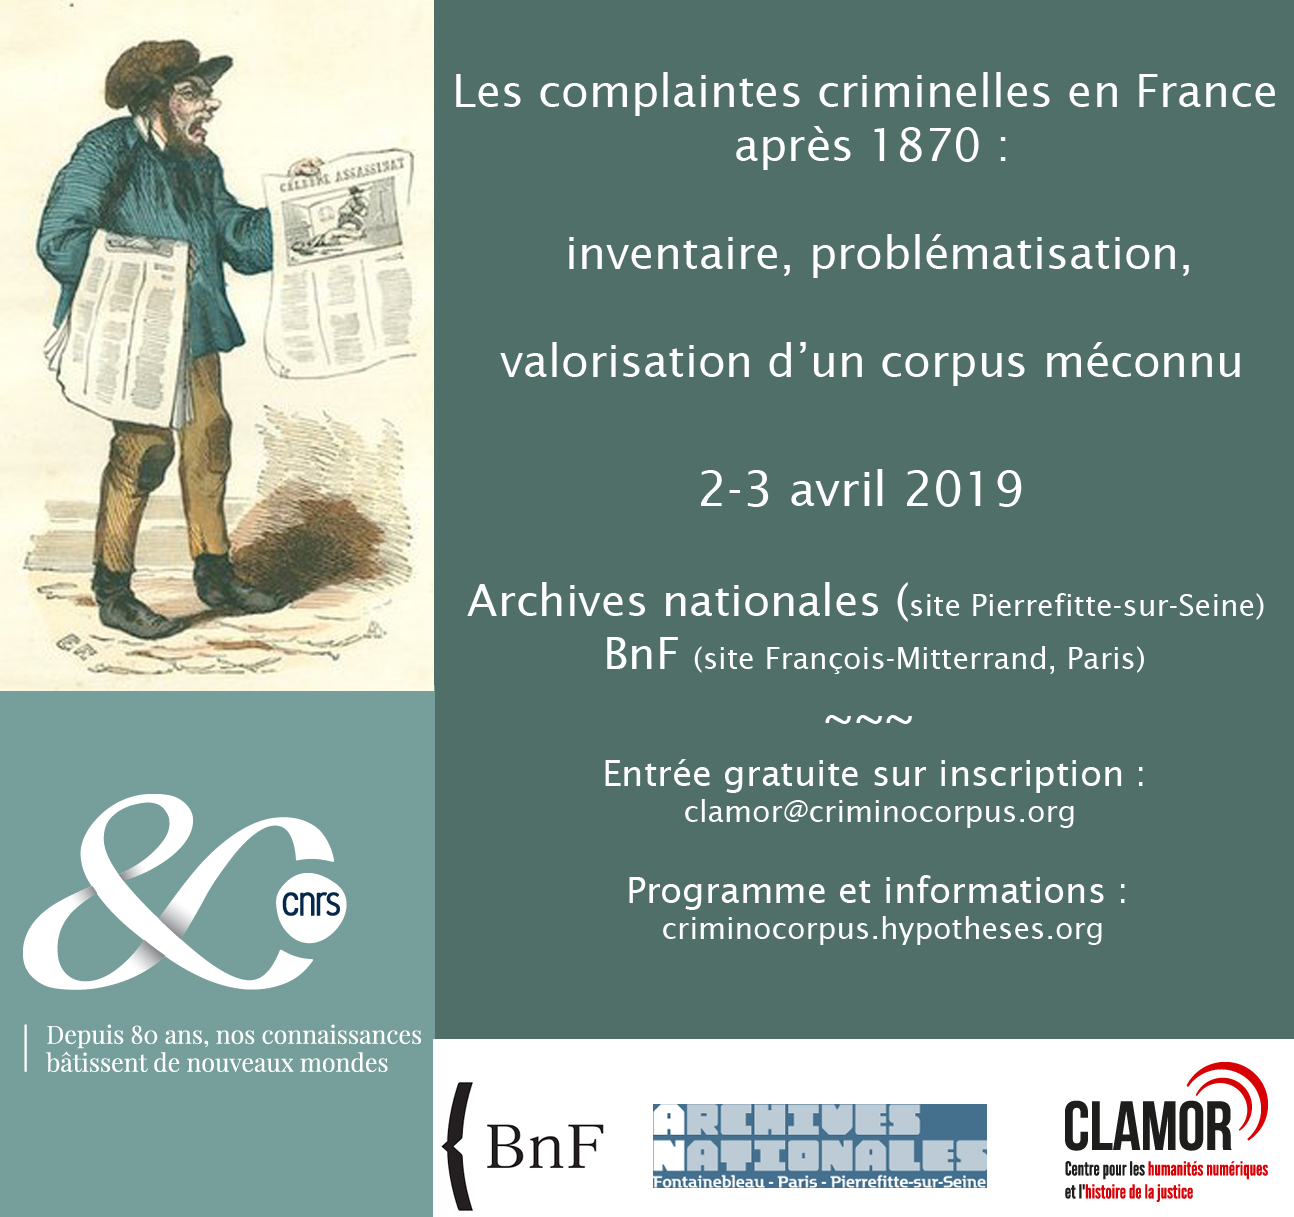 Les complaintes criminelles en France après 1870